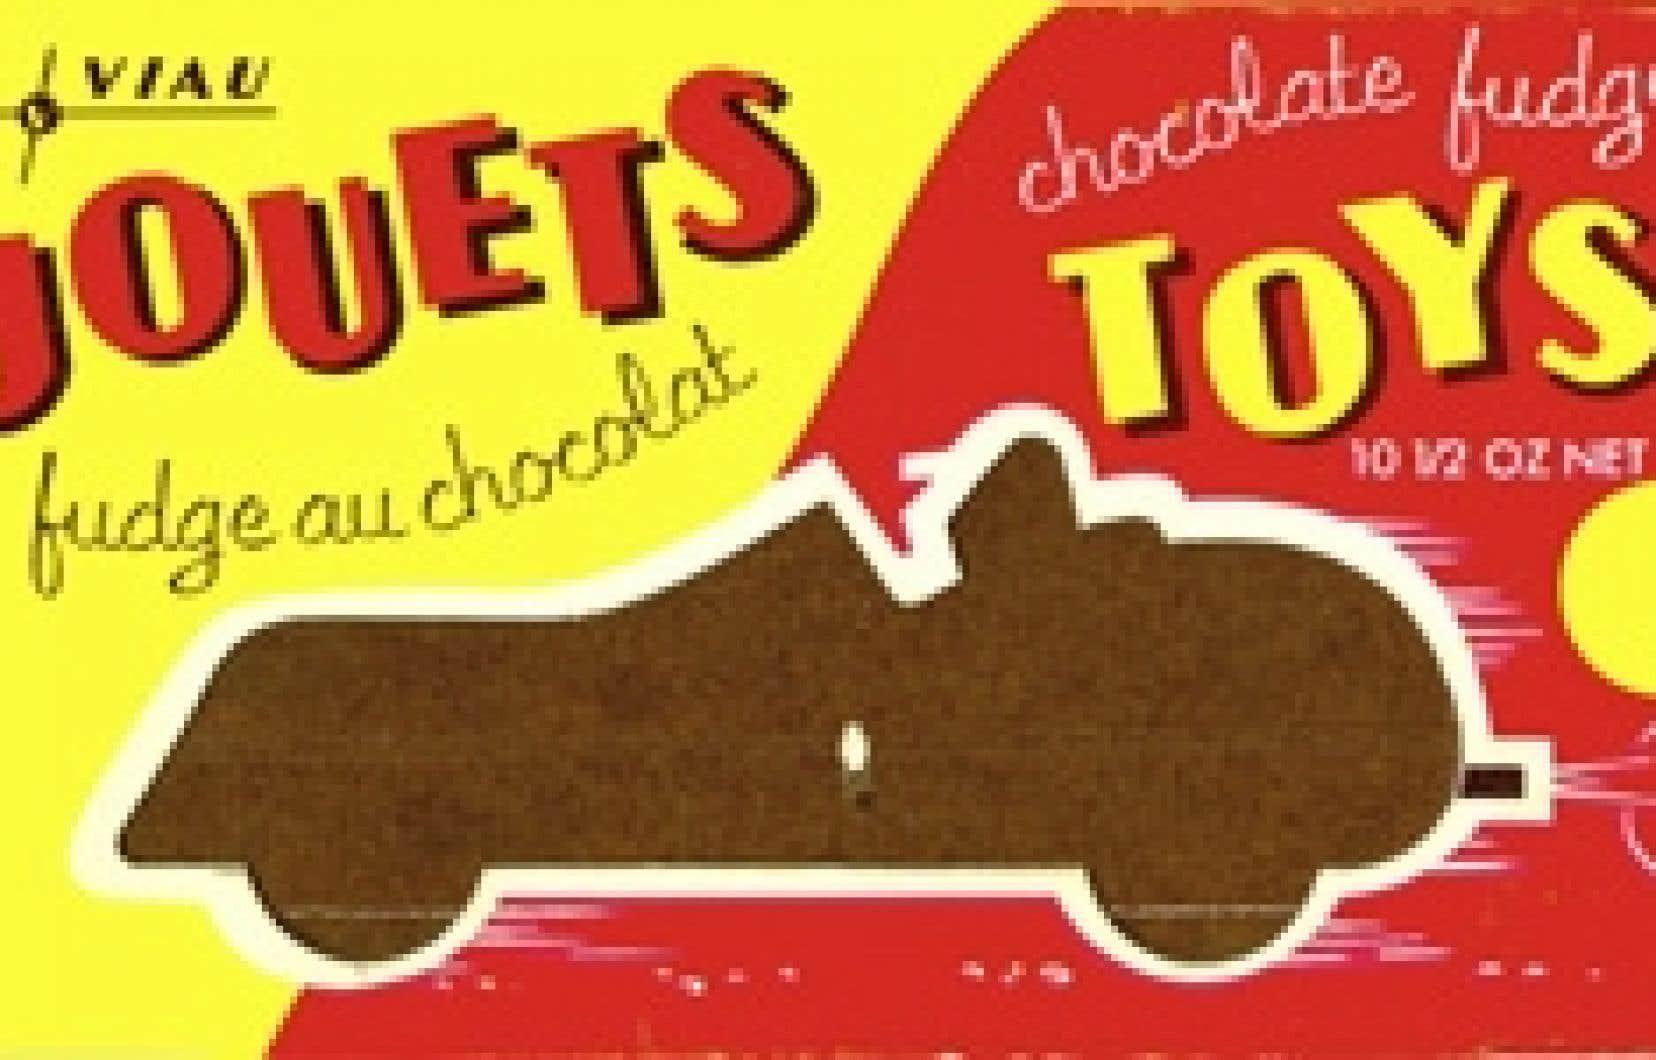 Boîte de chocolats Jouets, vers 1965.